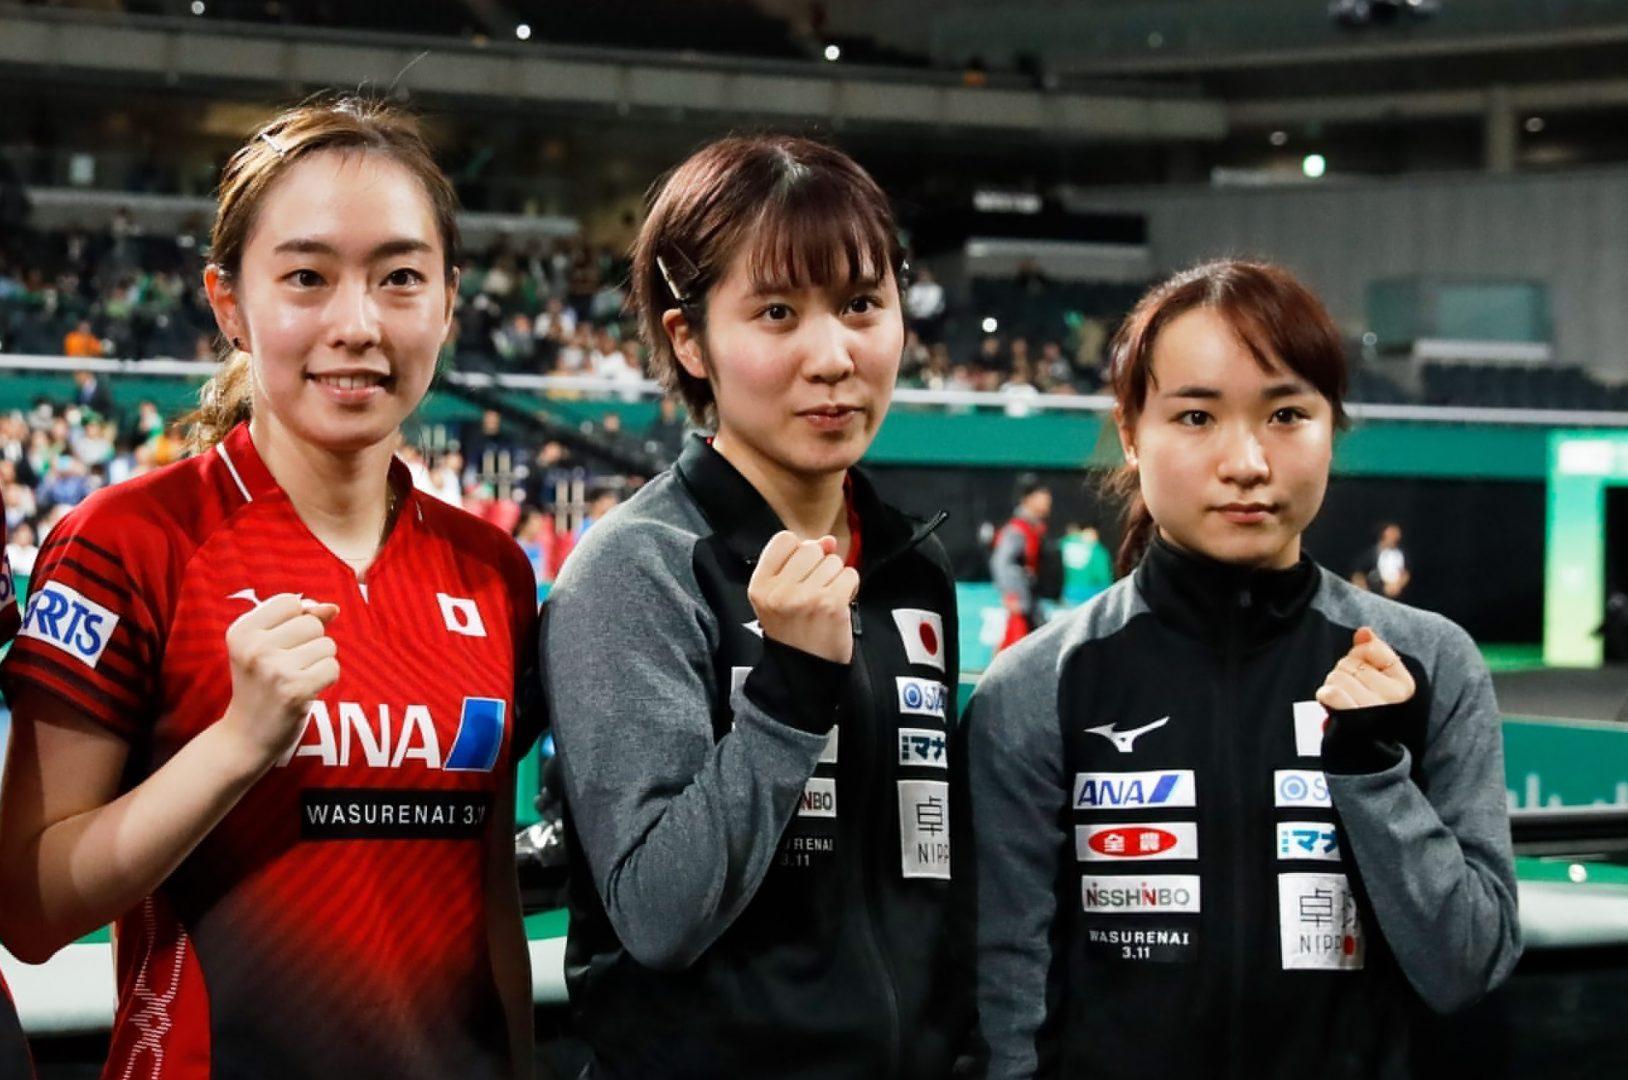 卓球東京五輪代表、女子3人目は平野美宇 伊藤美誠、石川佳純と悲願の金メダルへ